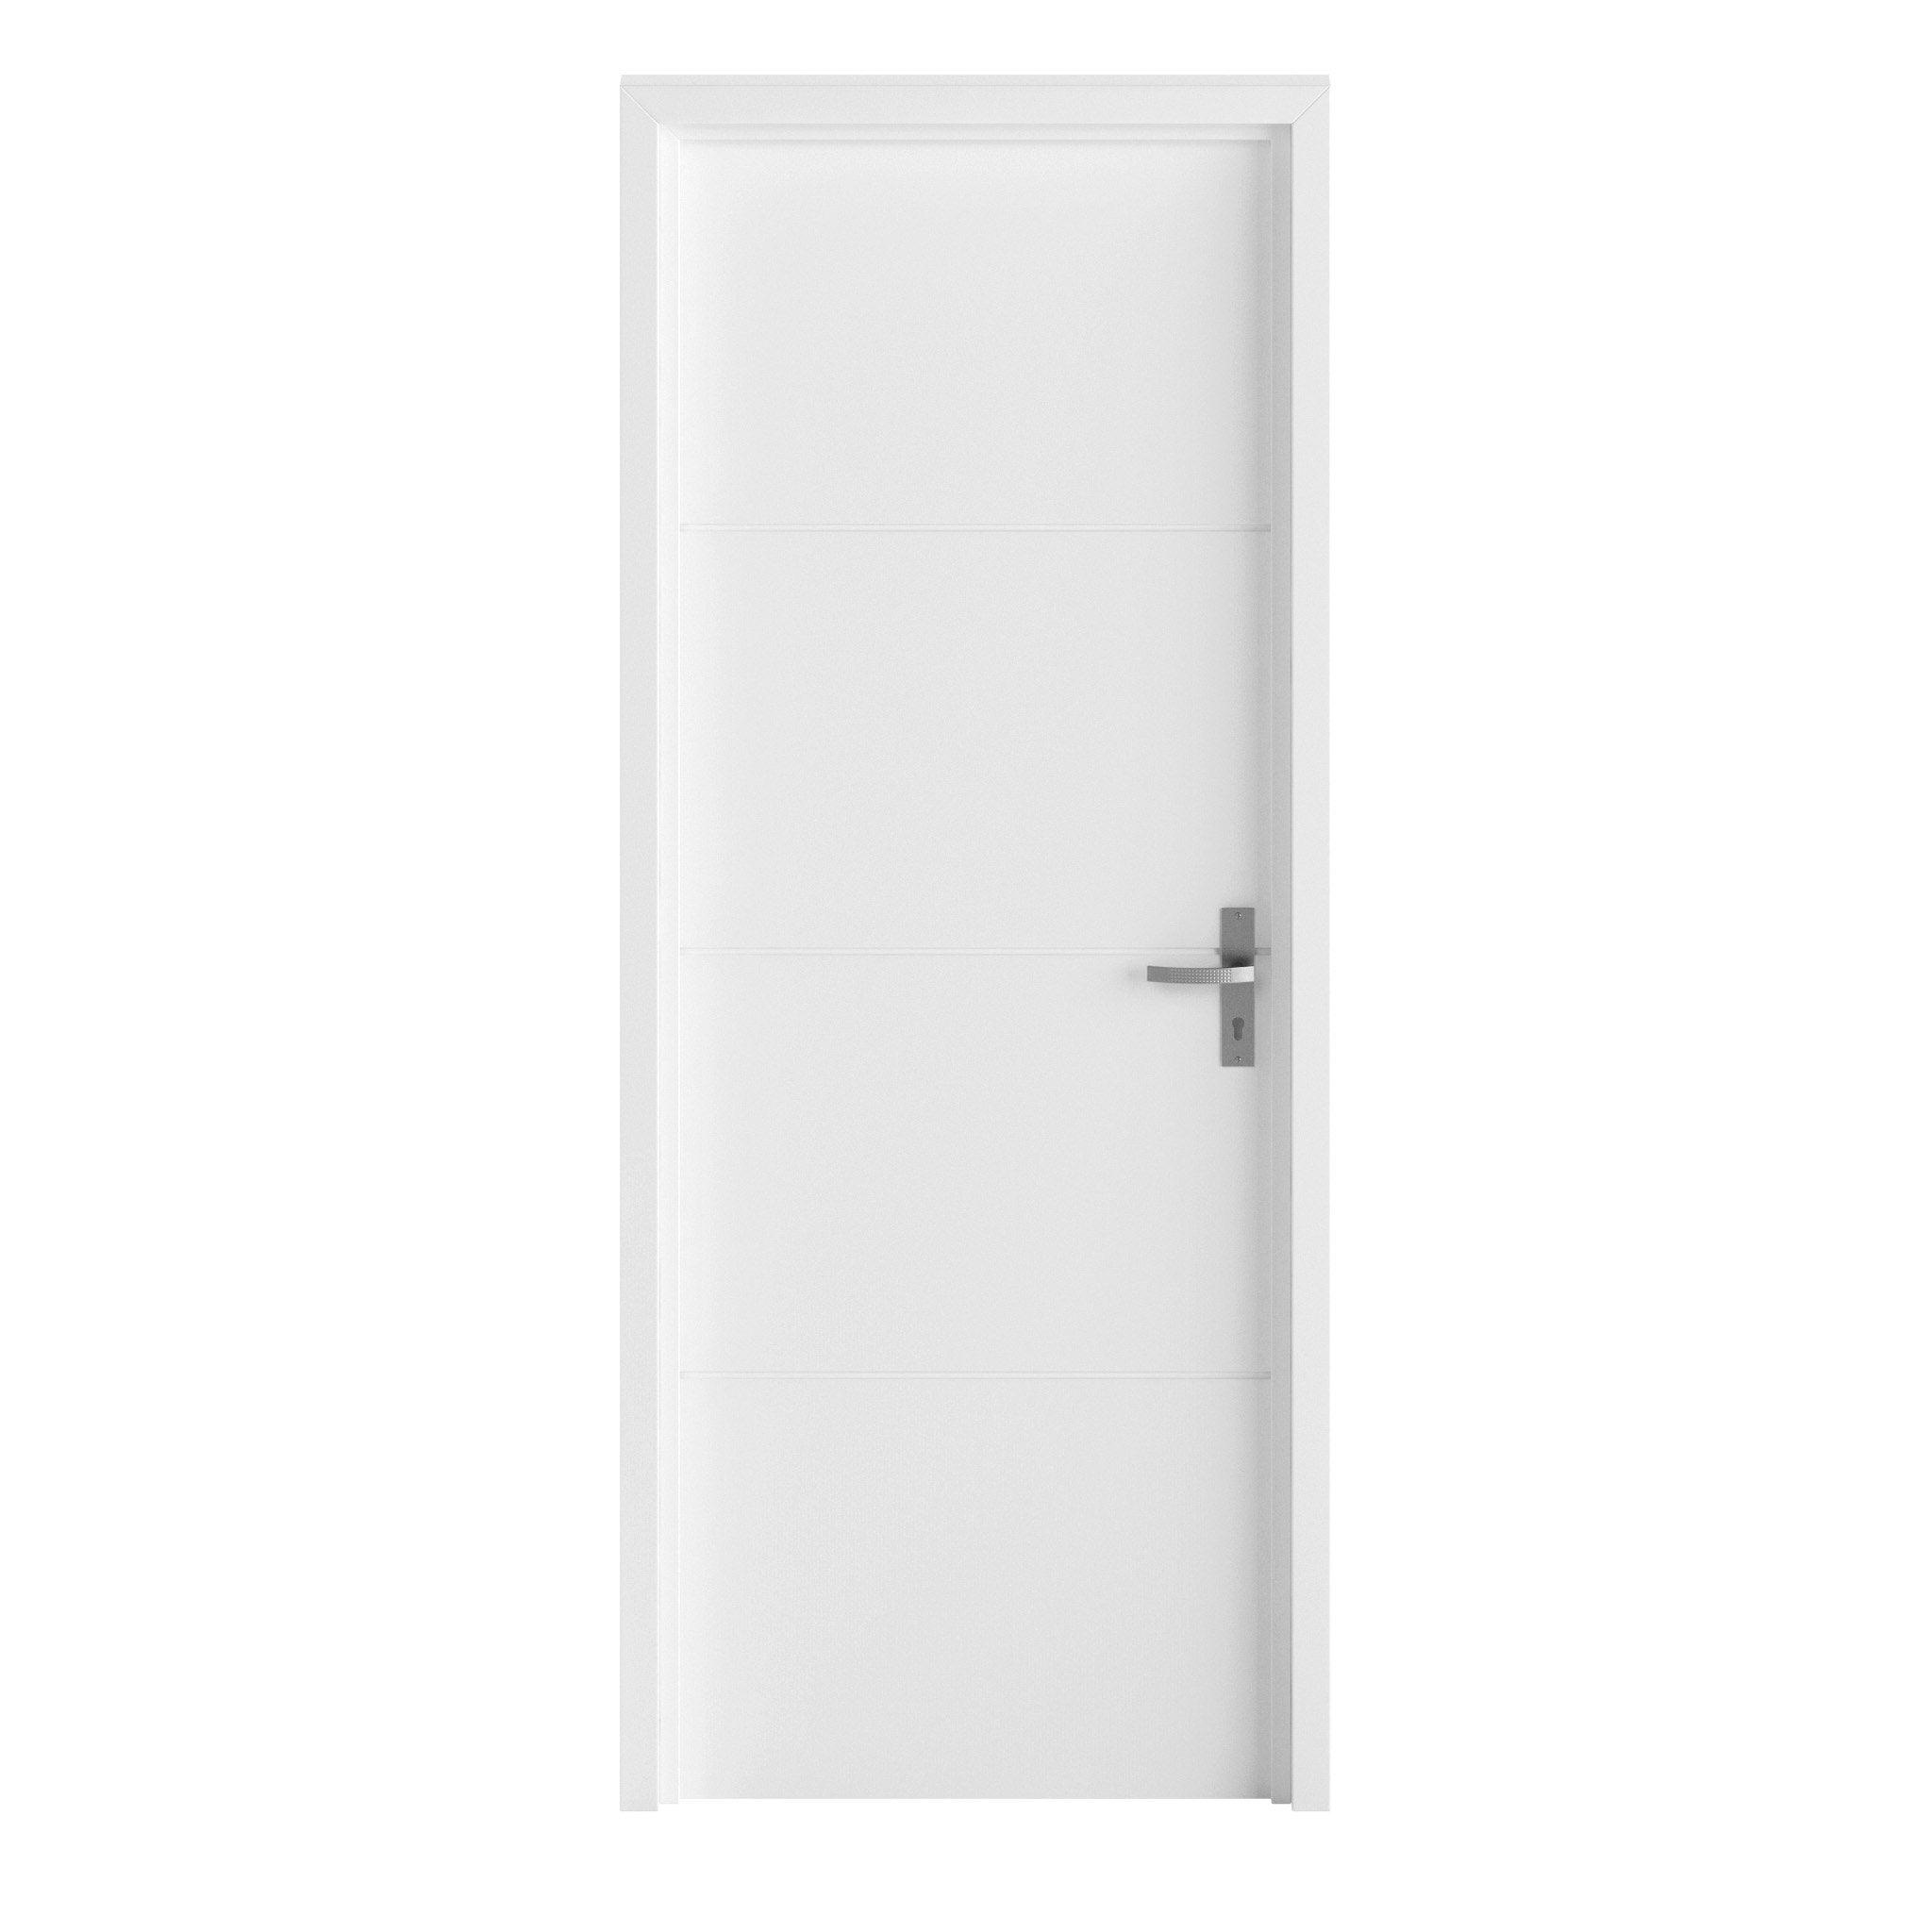 Bloc-porte blanc Lali, blanc H.204 x l.73 cm, poussant gauche